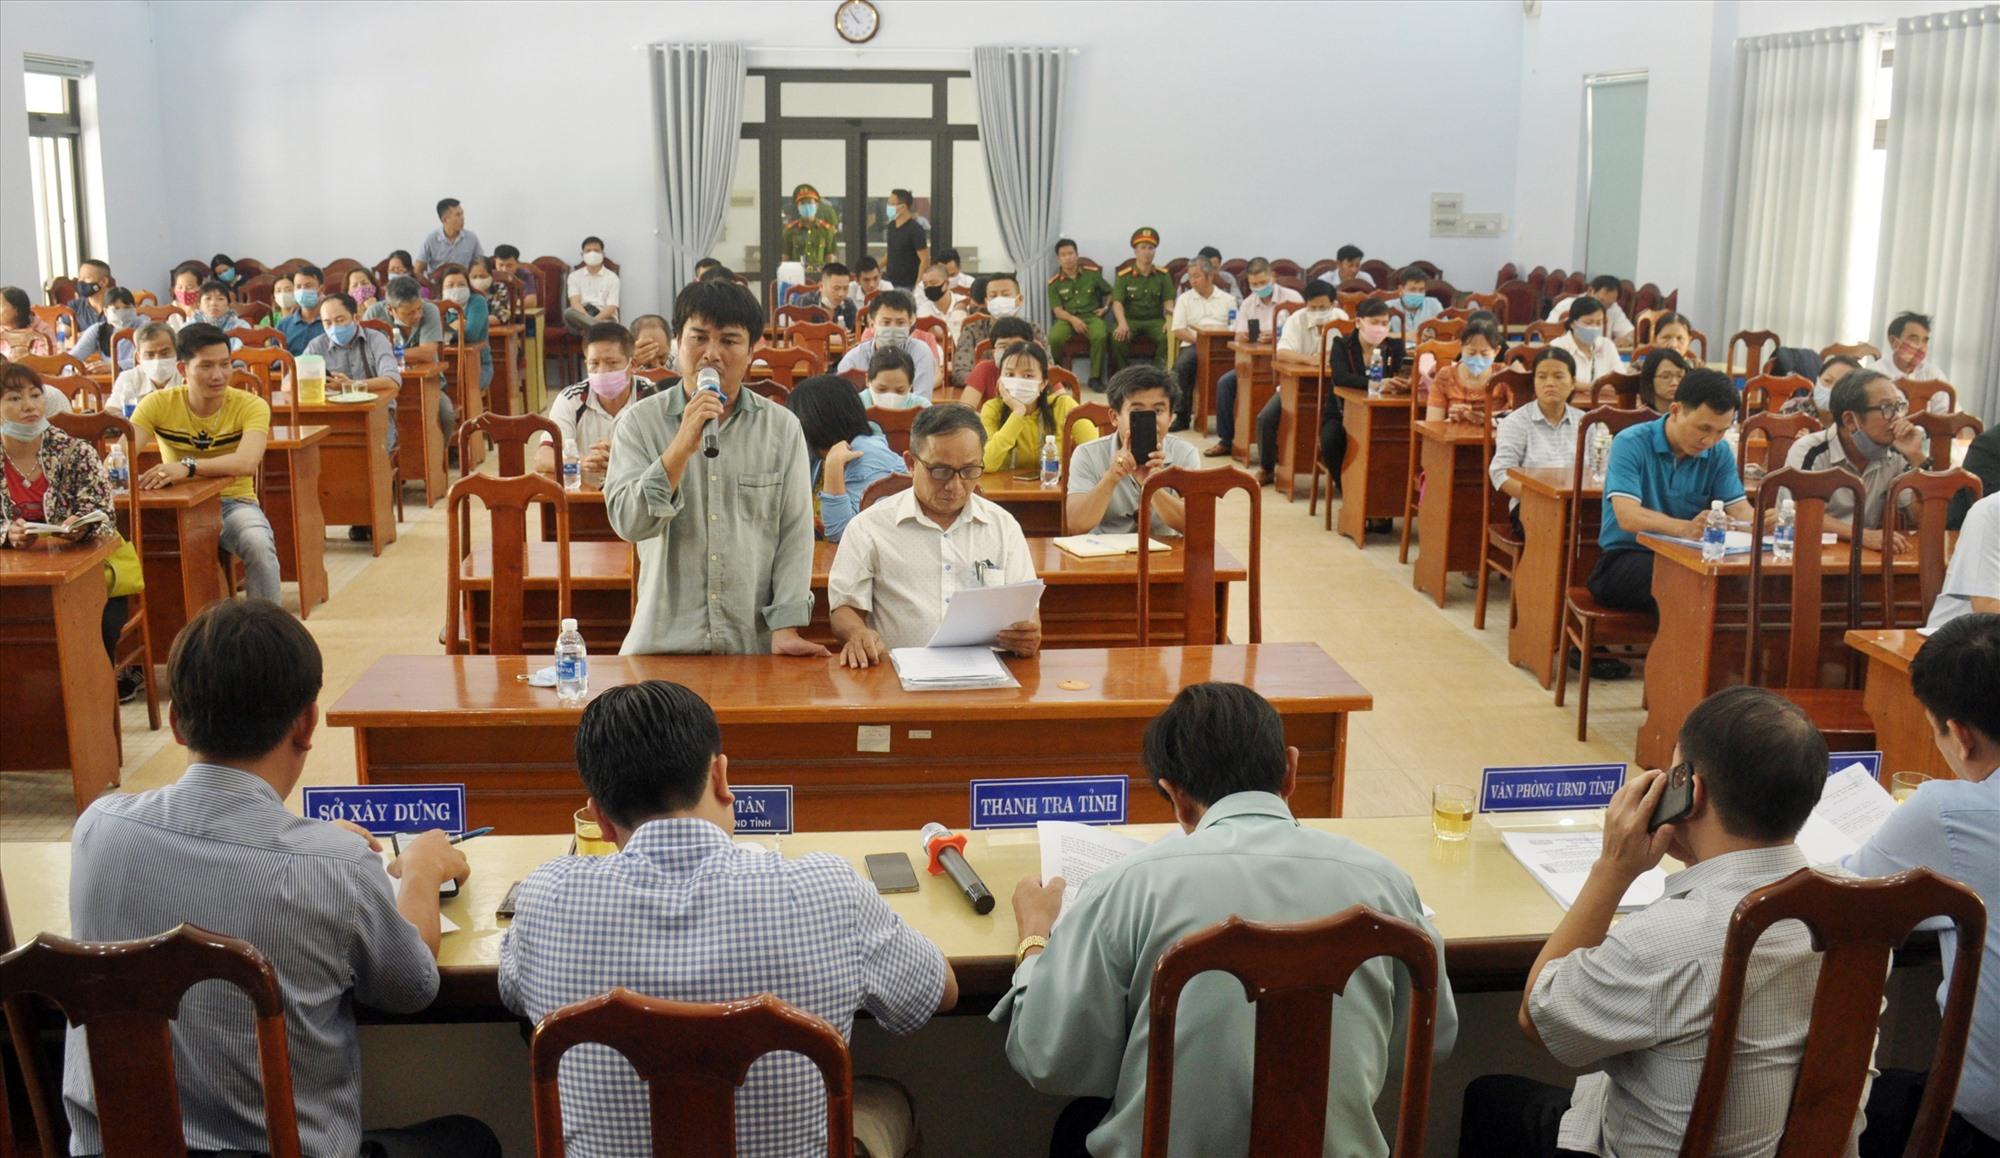 Phó Chủ tịch UBND tỉnh Trần Văn Tân chủ trì cuộc đối thoại với các hộ dân mua đất nền của Công ty CP Bách Đạt An ngày 22.9. Ảnh: N.Đ